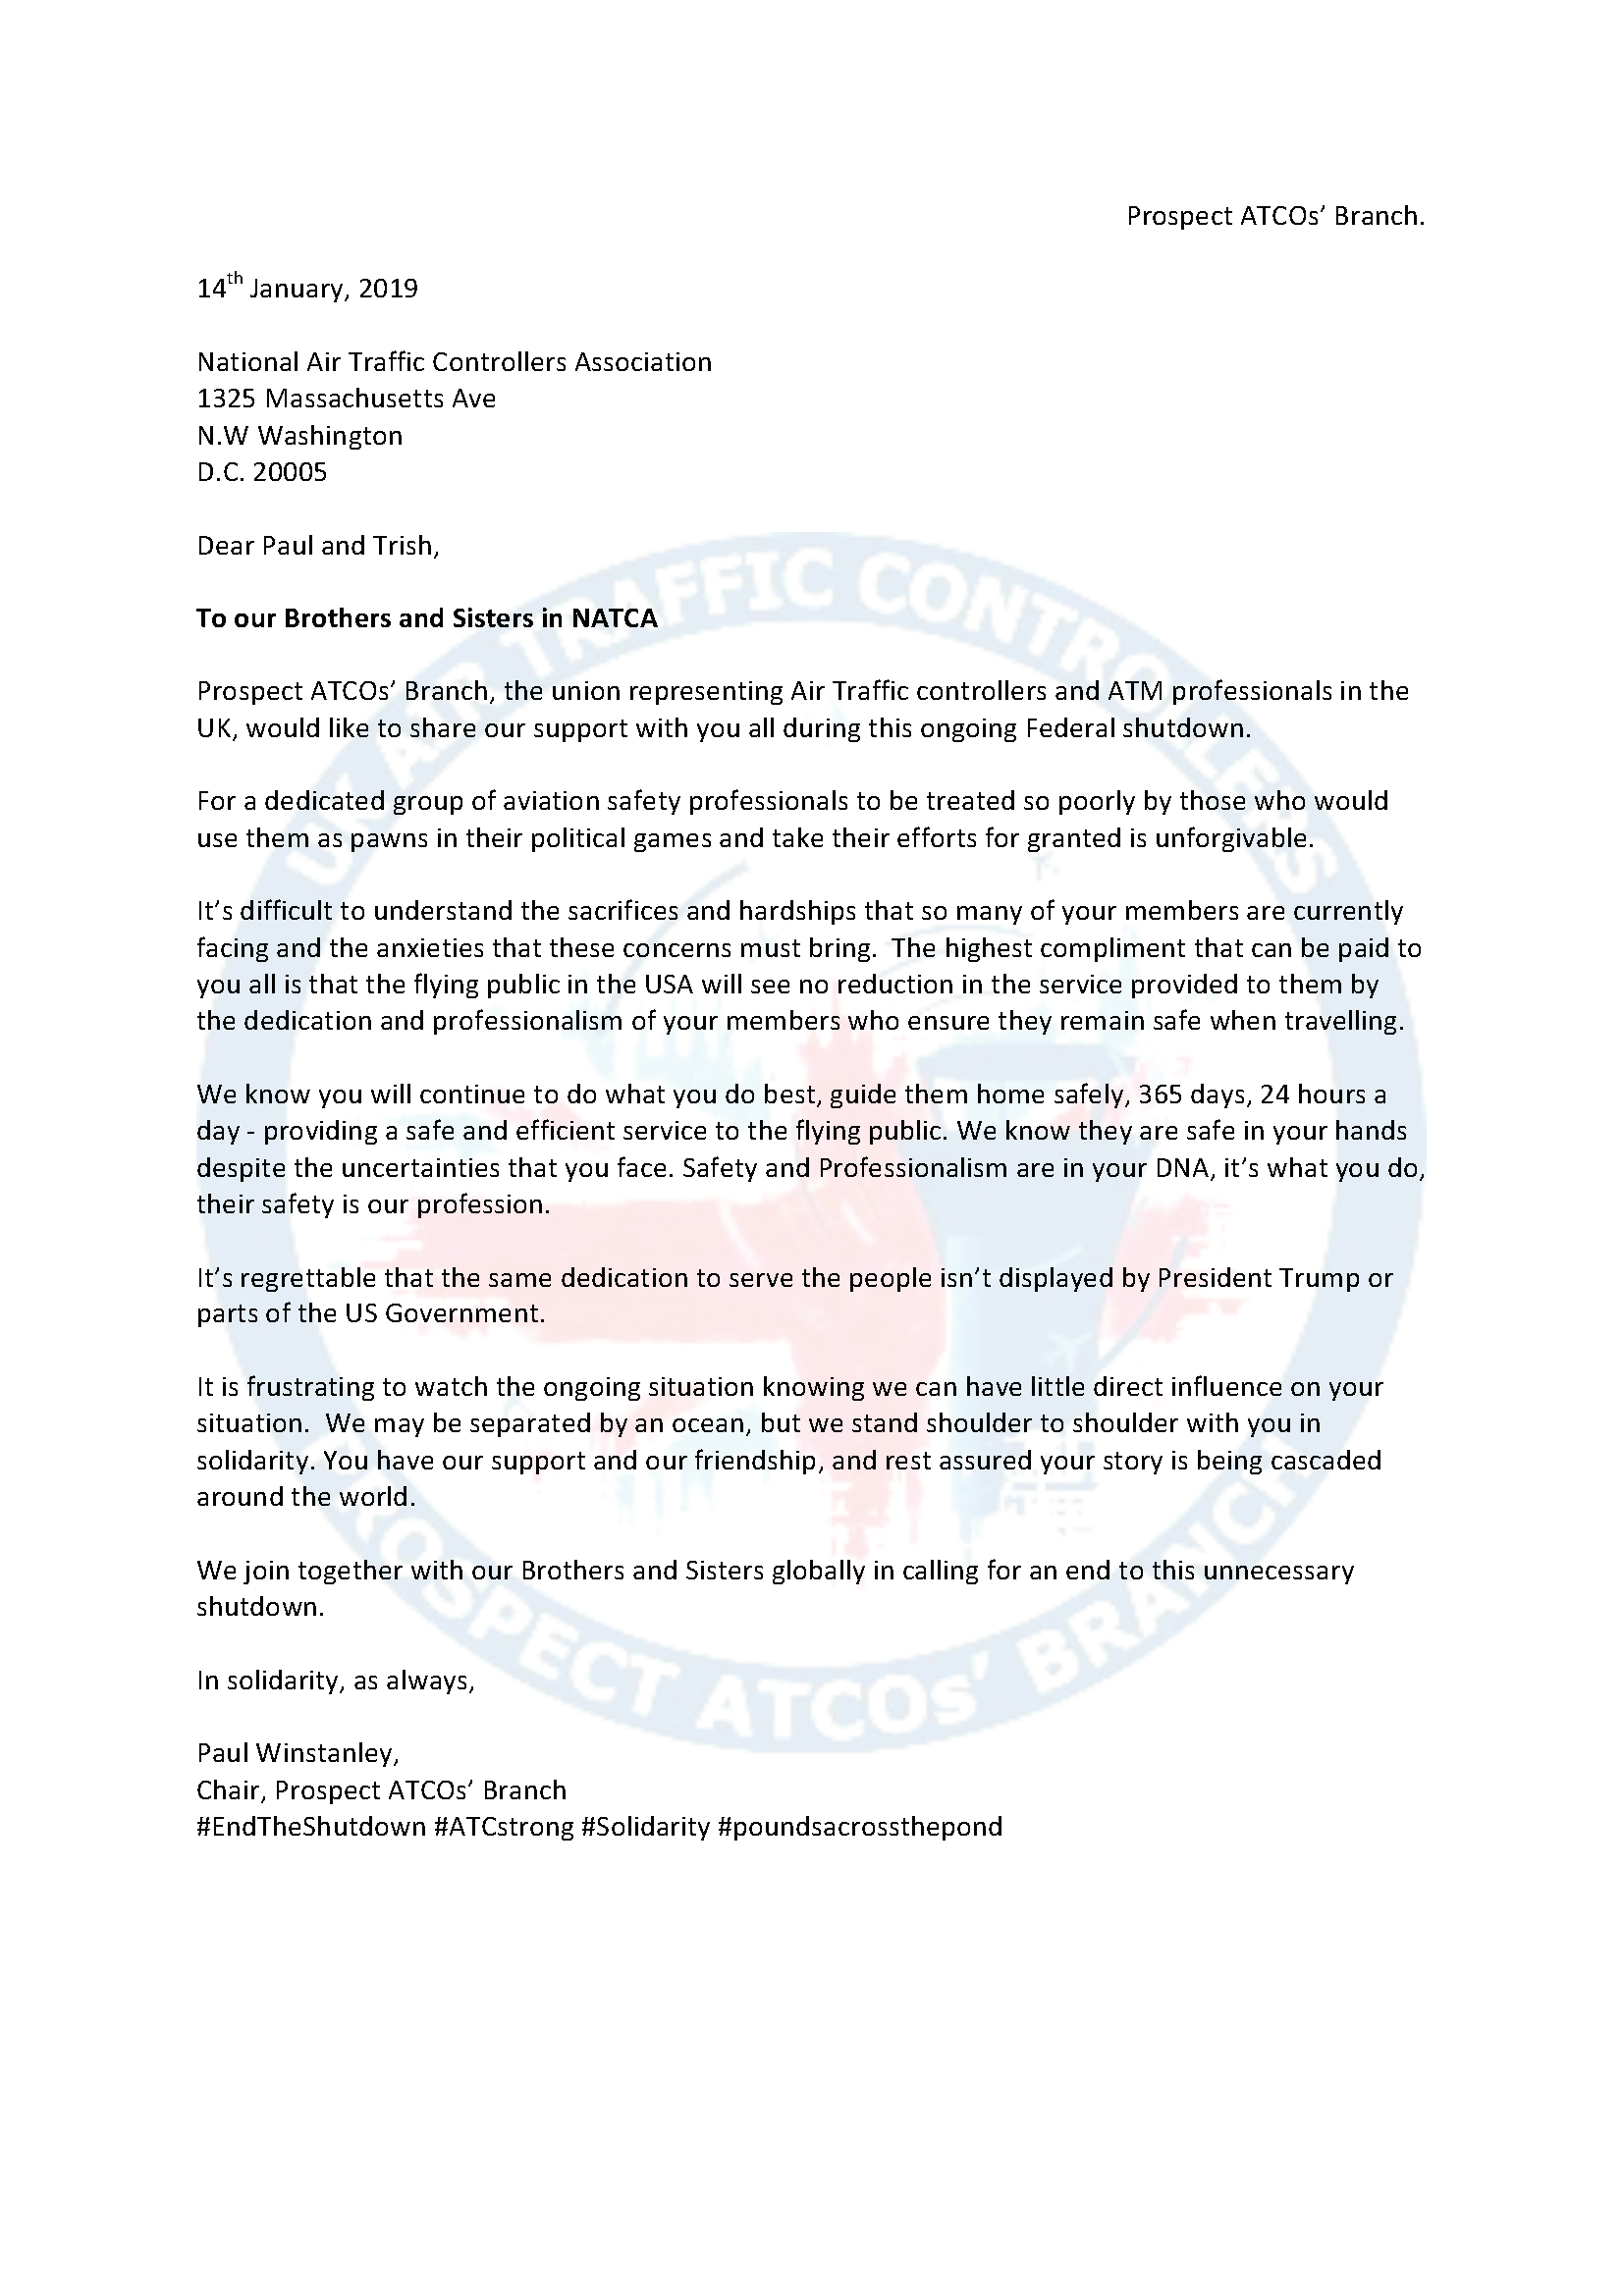 Shutdown Letter from Prospect